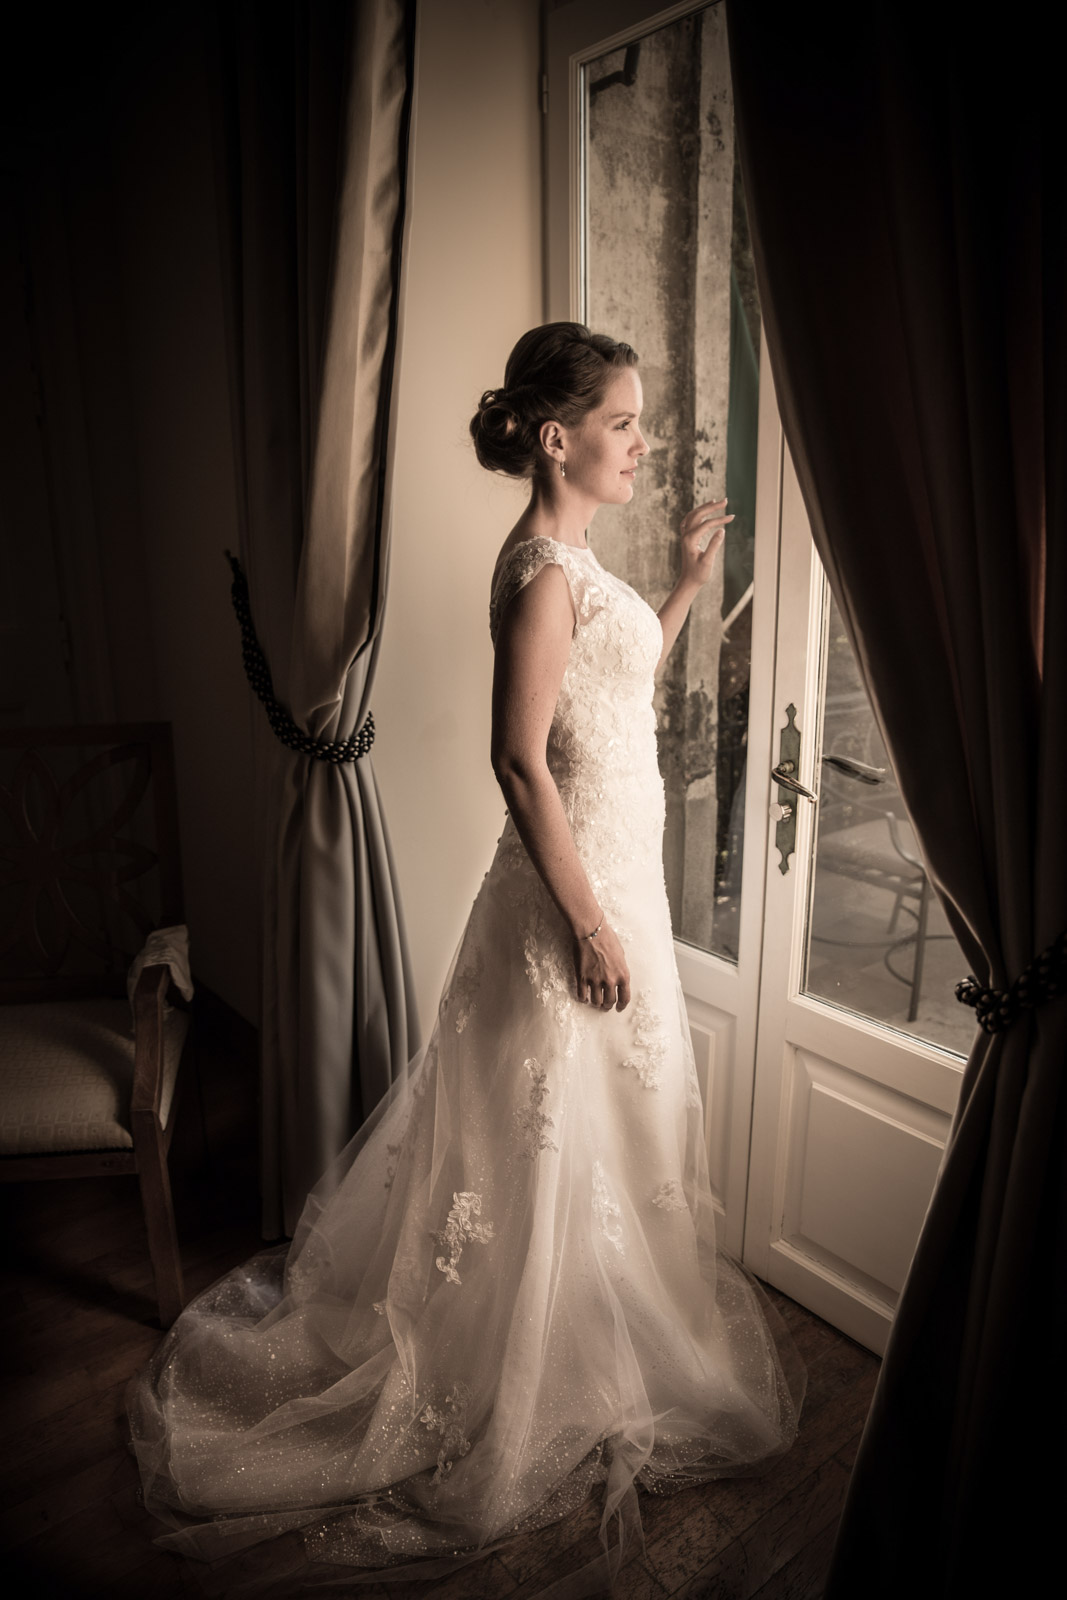 photographe-mariage-carcassonne-17